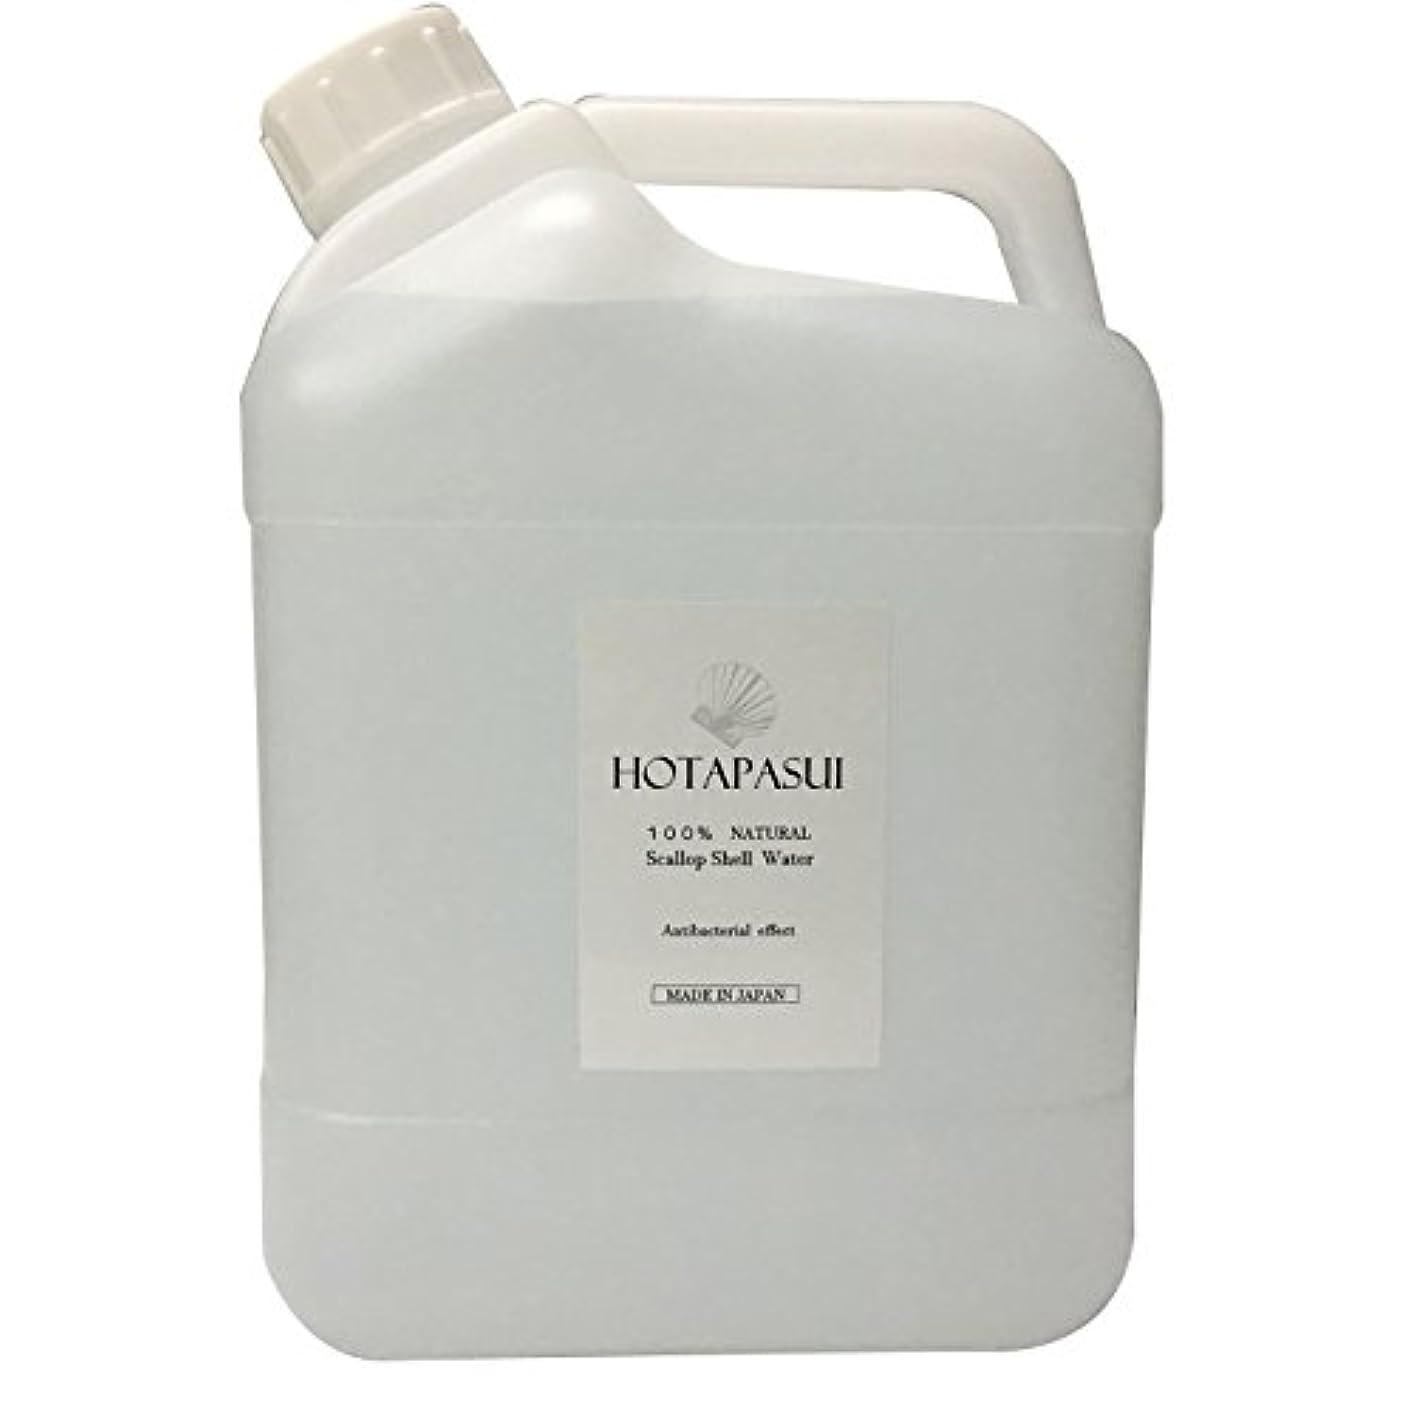 リンケージ新しい意味整然としたホタパ 除菌 洗浄剤 液体 《 除菌 消臭》 加湿器に 空気 洗浄 無添加 無香料 4L ( 詰替え ) 【 天然素材 100% 】